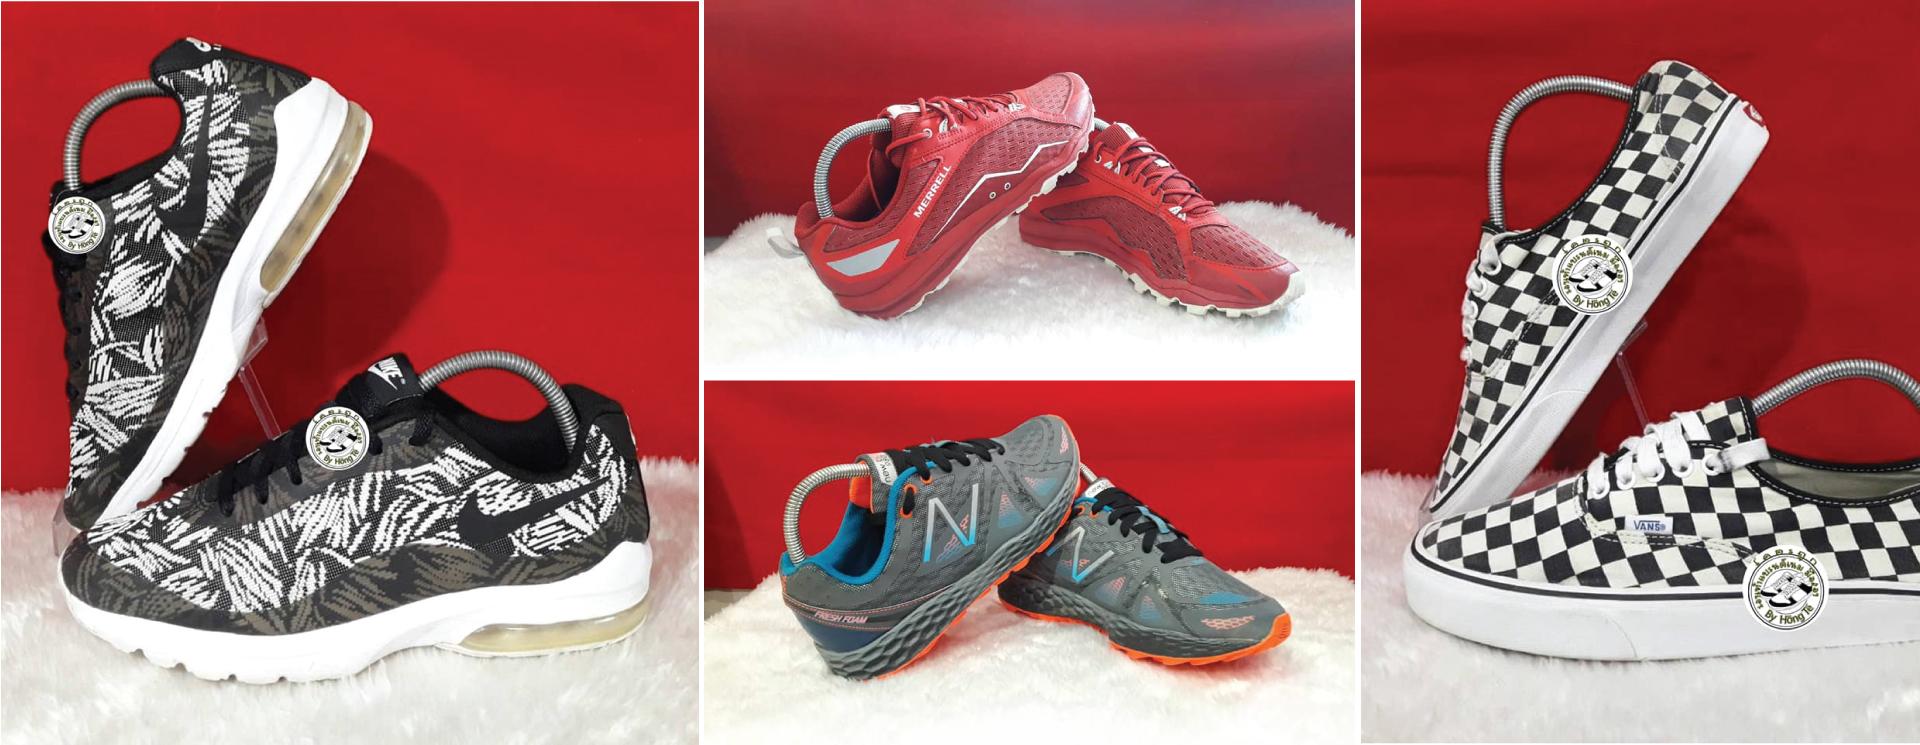 รองเท้าแบรนด์เนมมือสอง ปากน้ำโพ By Hong Te